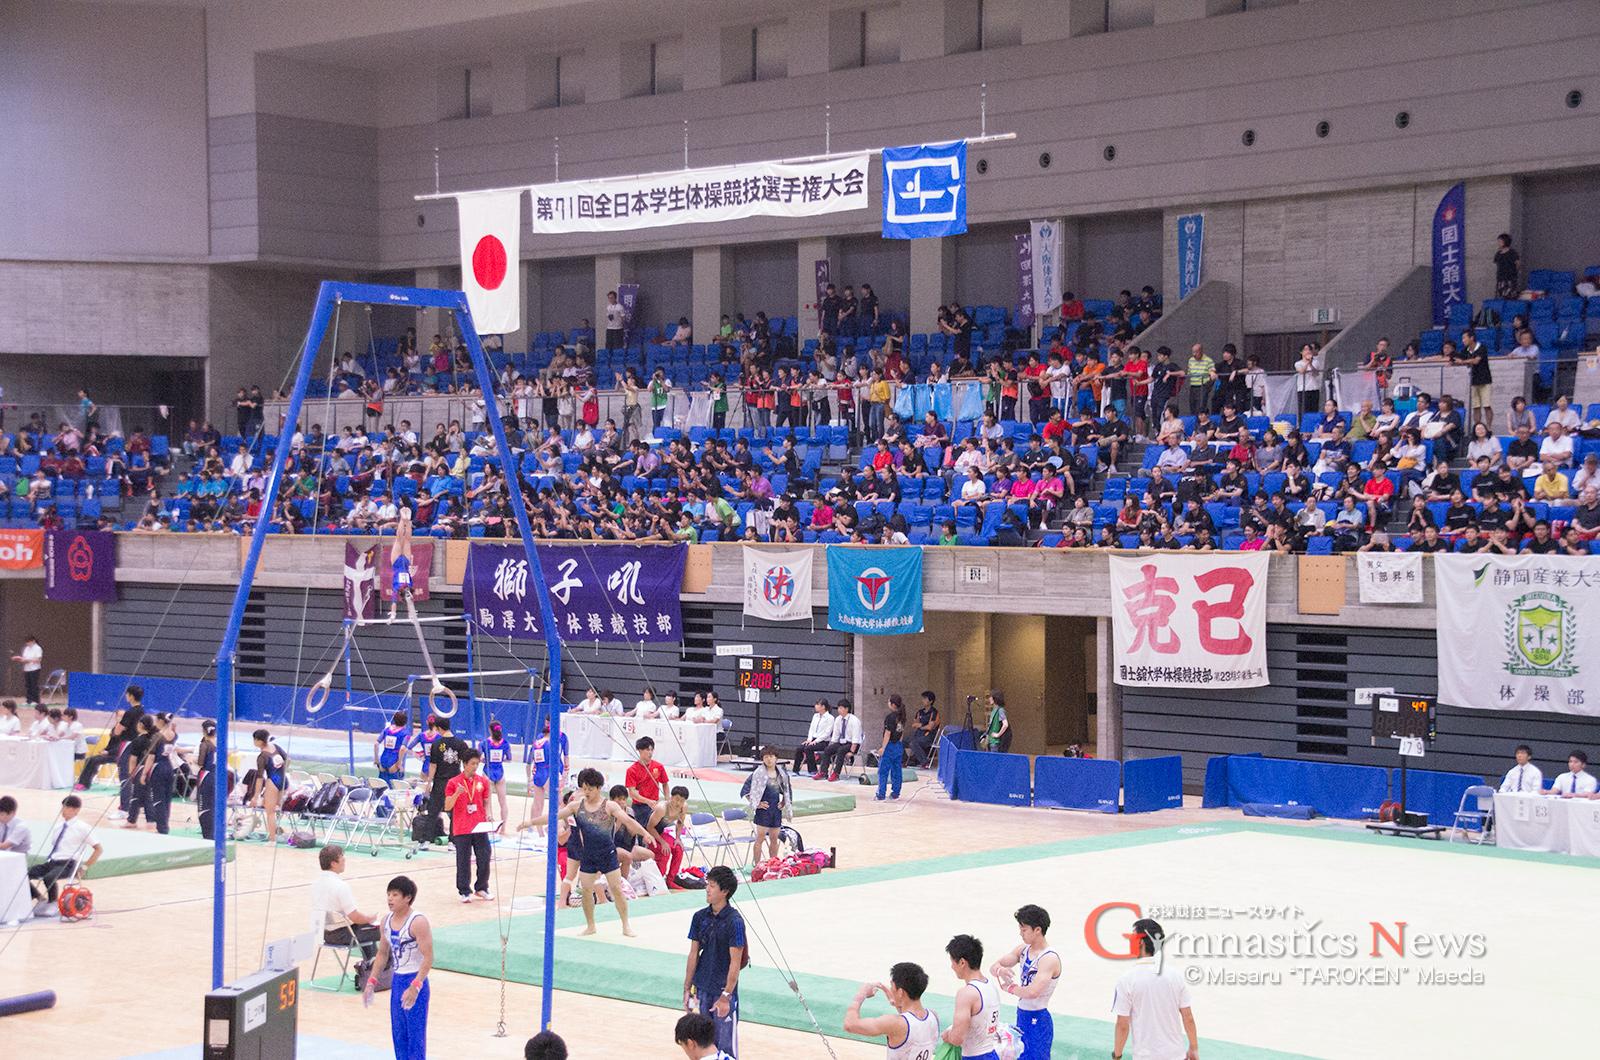 【速報】インカレ1部 団体・個人総合 結果 – Gymnastics News